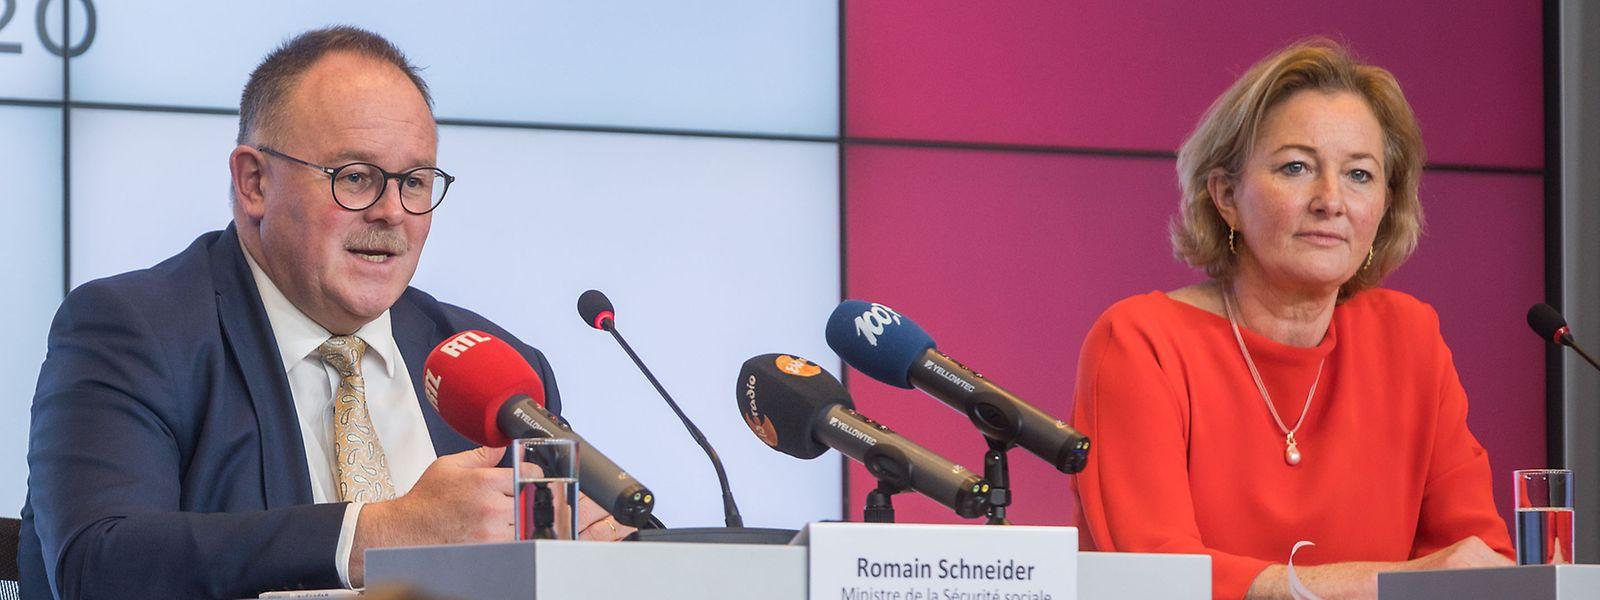 Camarades de parti (LSAP), Romain Schneider et Paulette Lenert partagent déjà de nombreux dossiers.